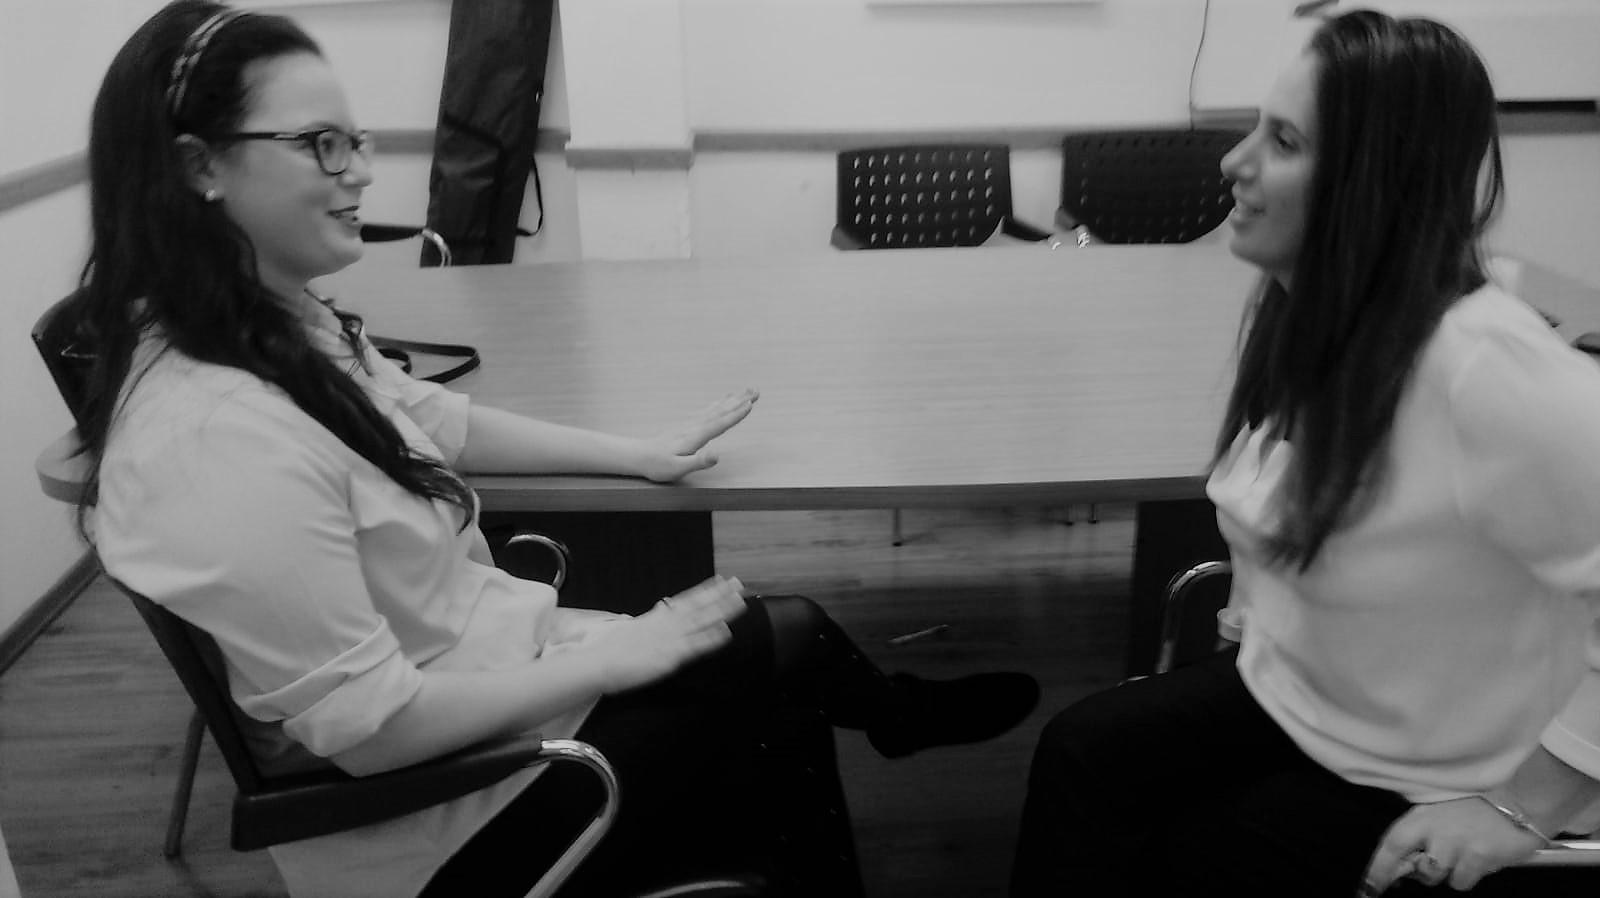 """""""אנחנו לא פוסלים פנייה למגזר החרדי"""" • ראיון עם מנהלת השיווק של 'ארקיע' 1"""